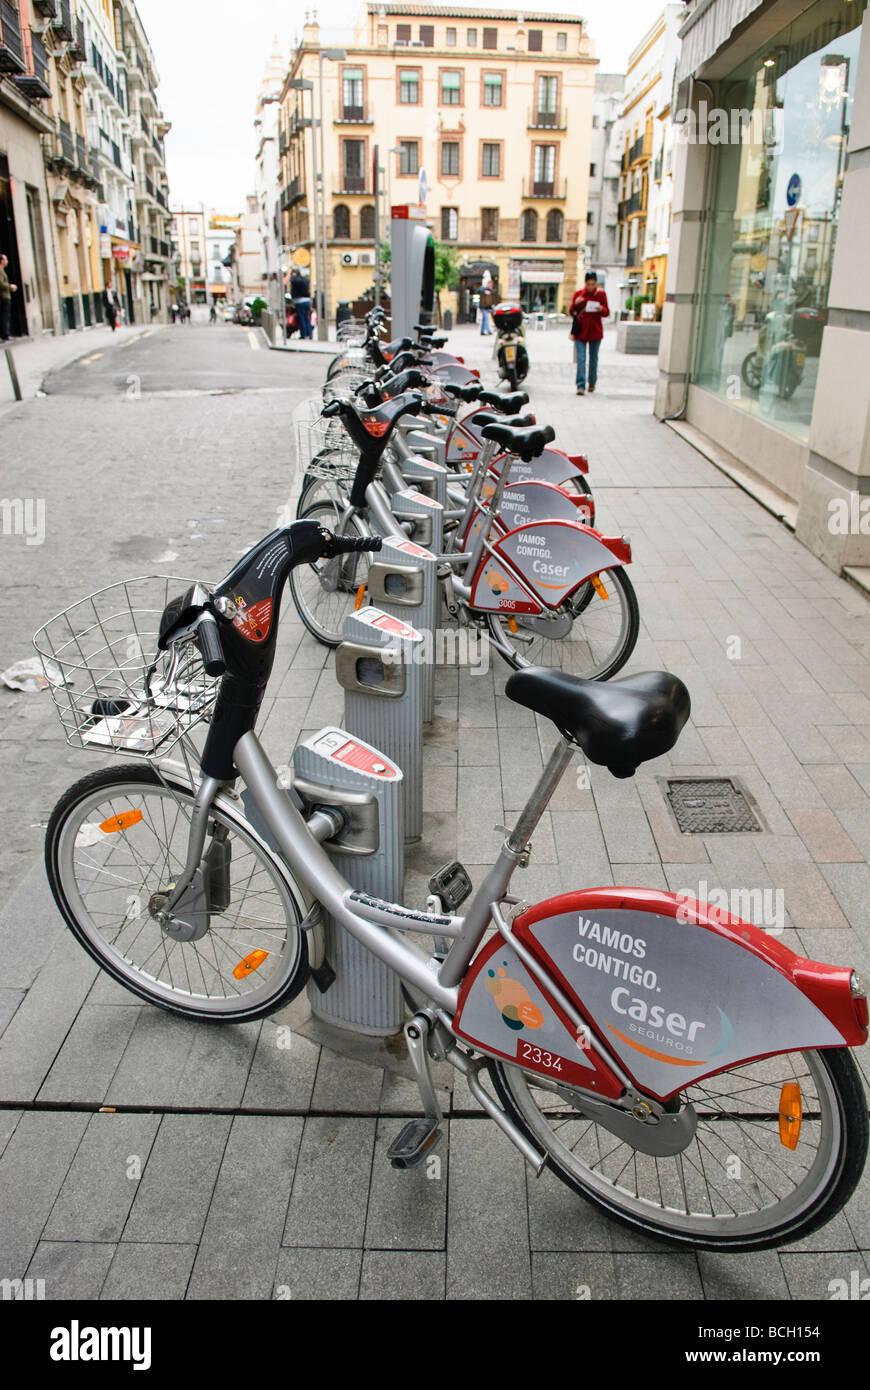 Le biciclette in affitto a Siviglia Andalusia Spagna Immagini Stock